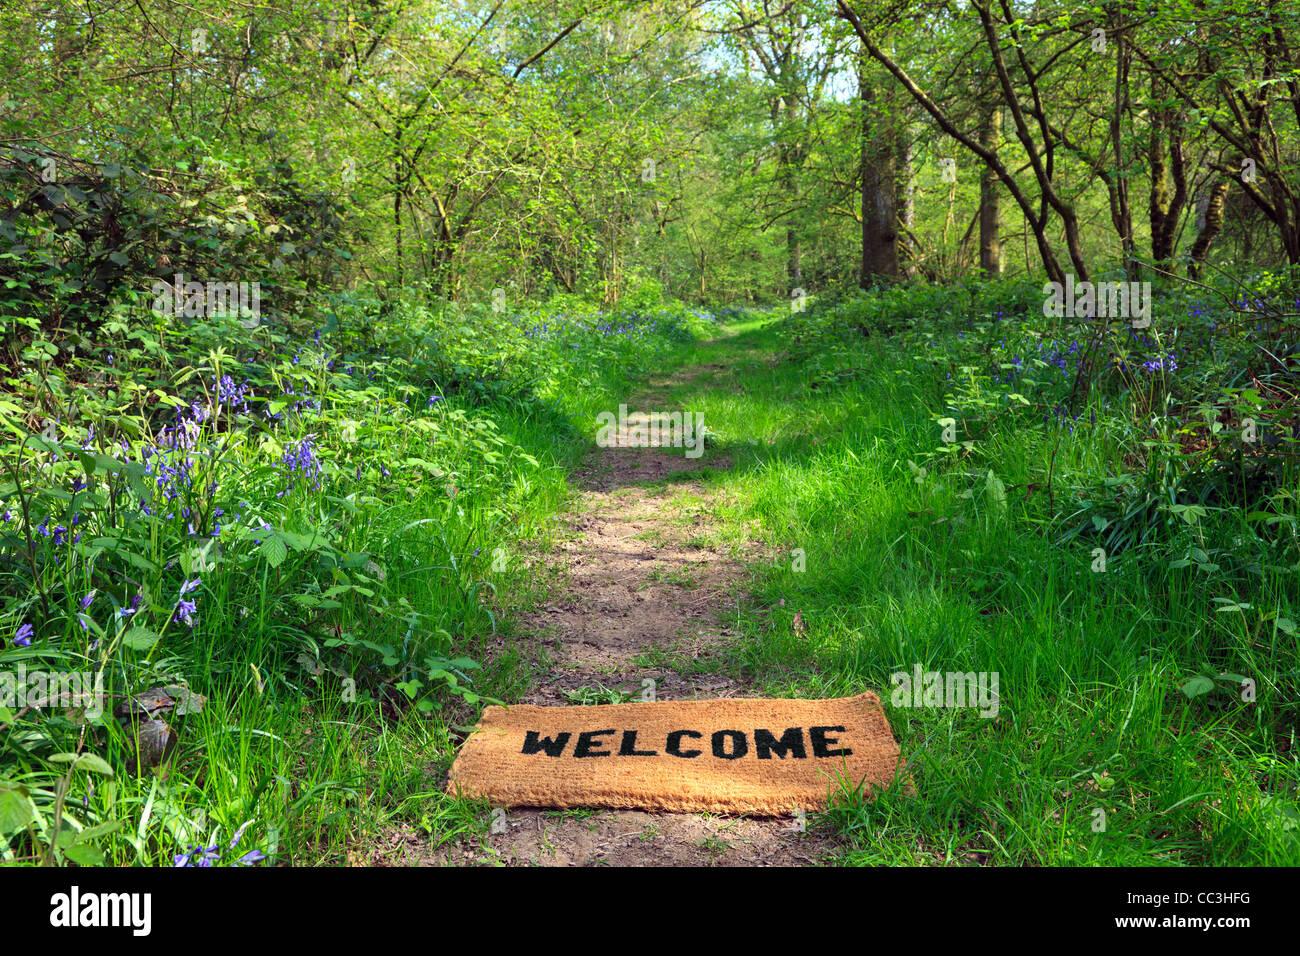 Concetto foto di un benvenuto zerbino su un sentiero di bosco durante la primavera in formato orizzontale. Immagini Stock